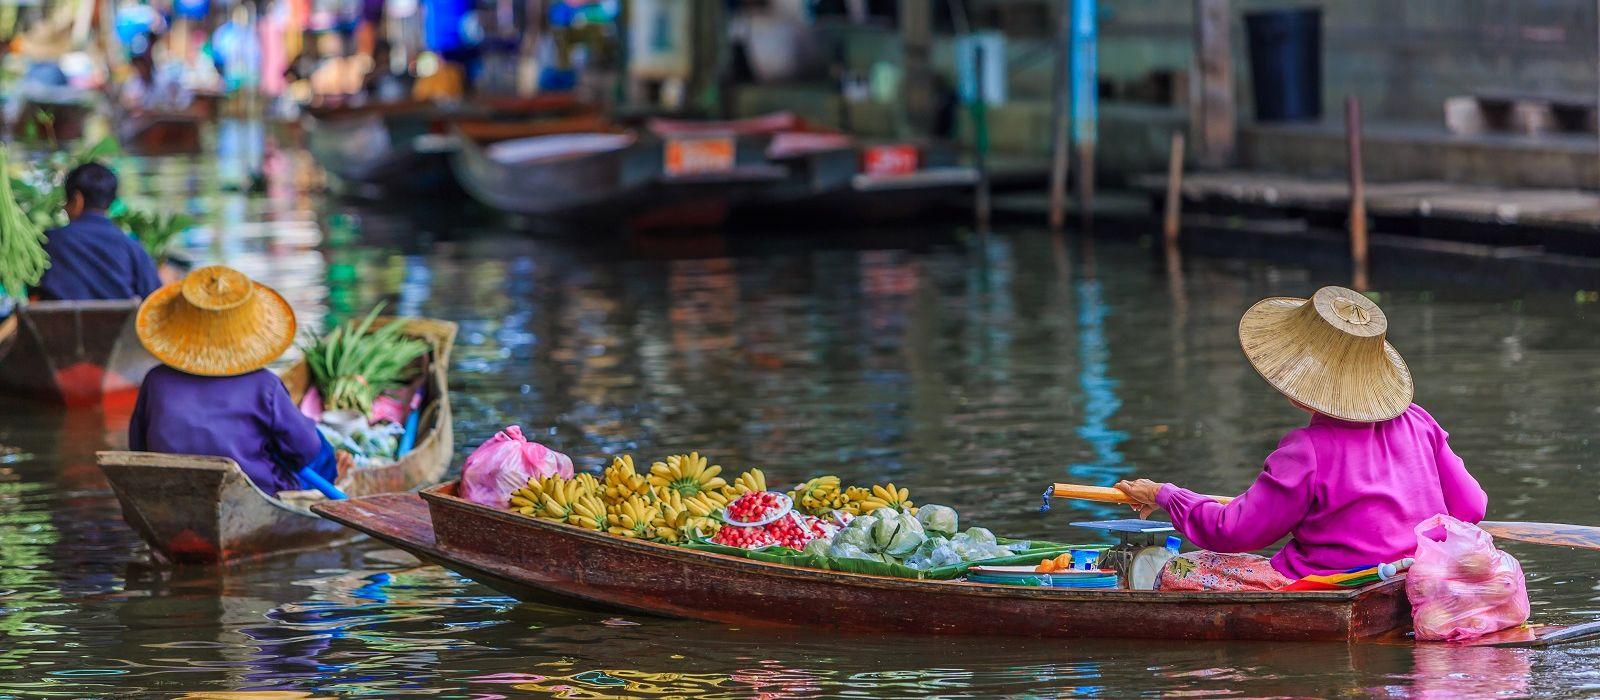 Thailand abseits ausgetretener Pfade Urlaub 1